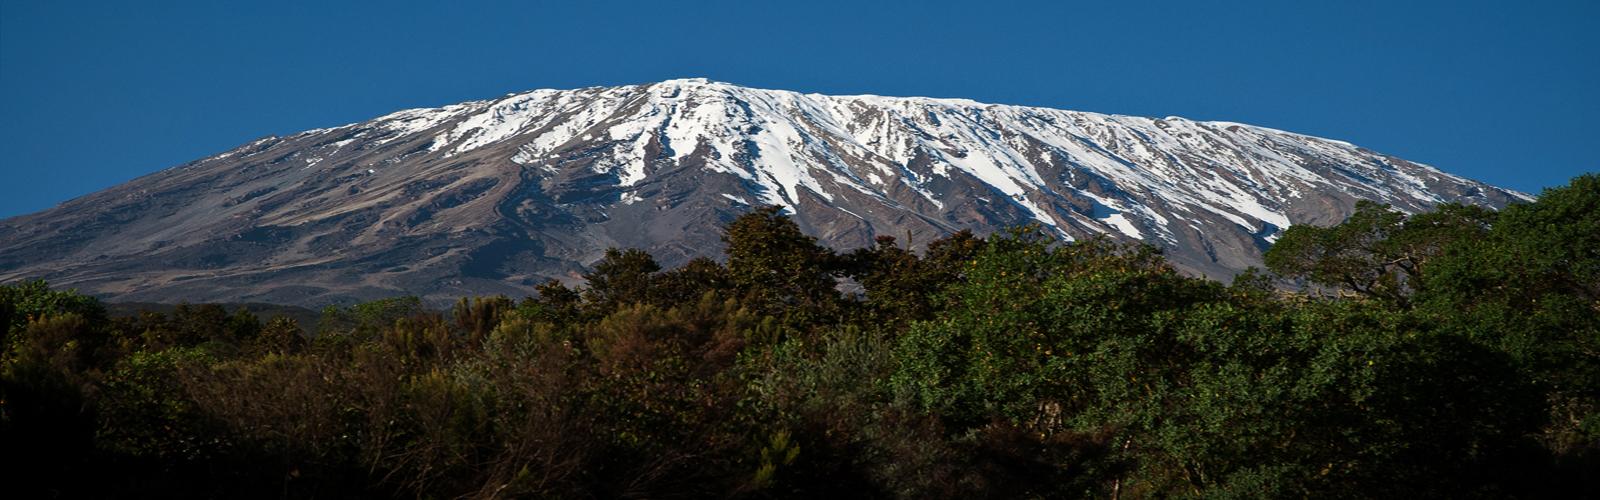 Kilimanjaro's Marangu Route